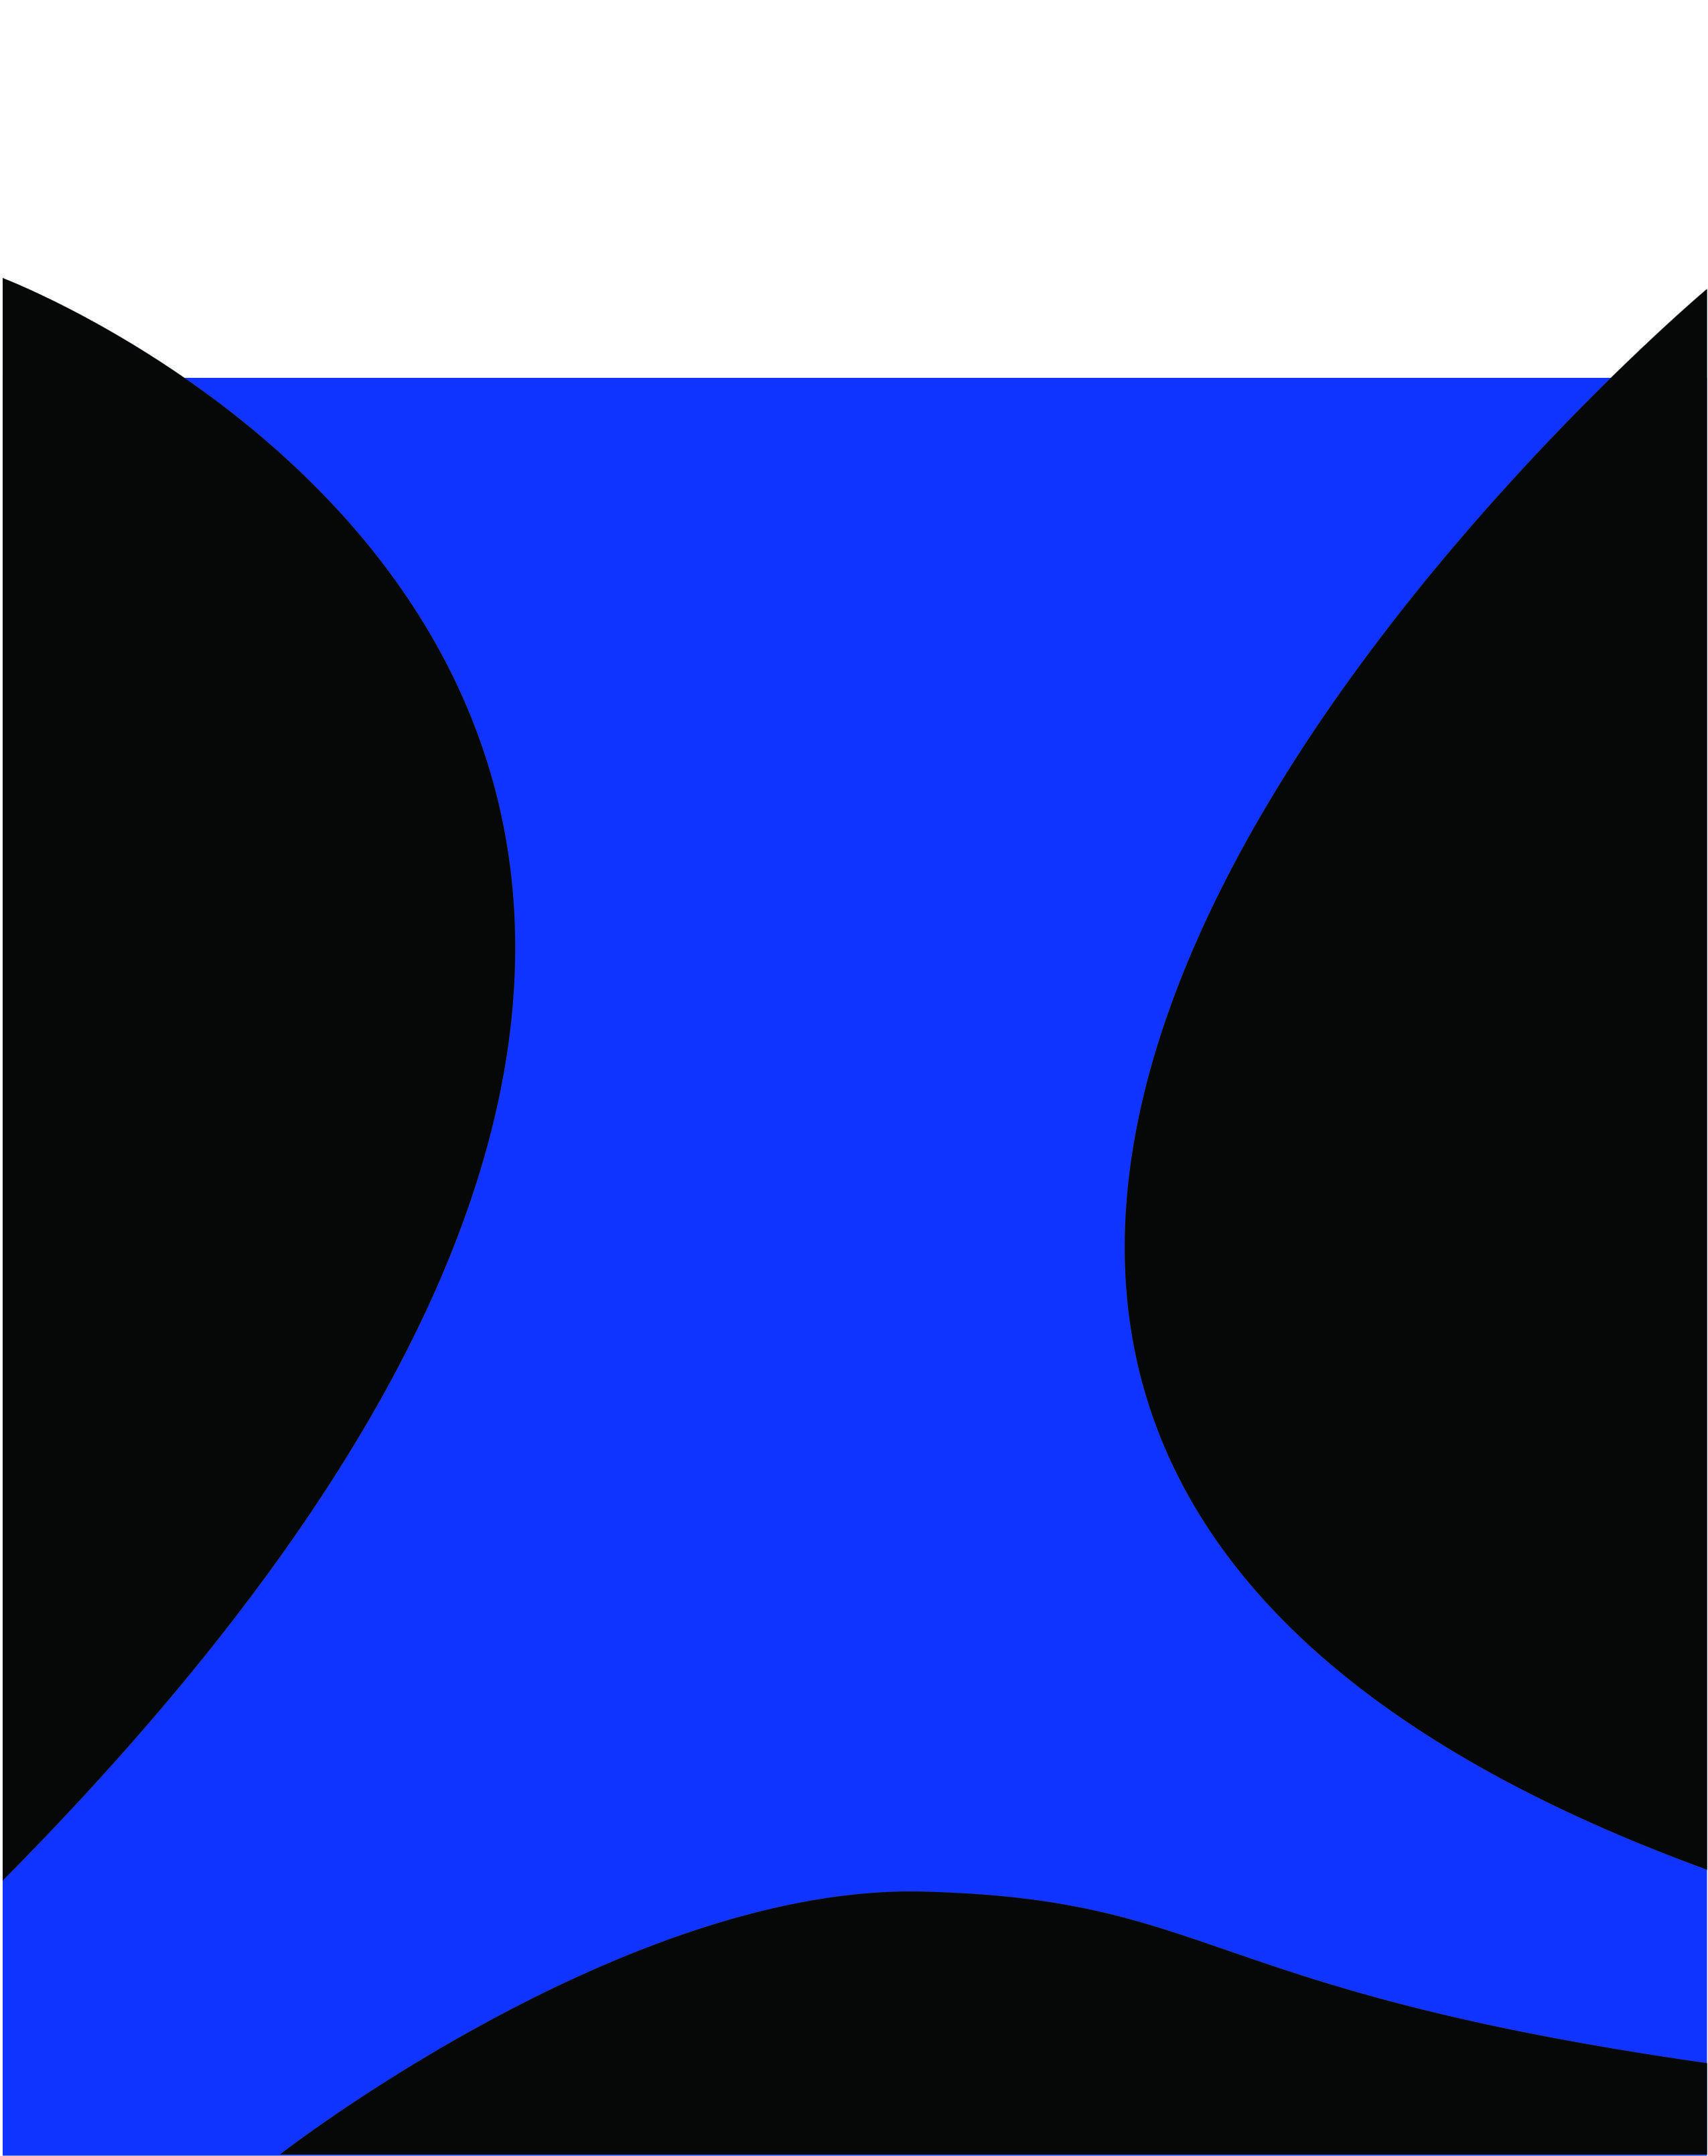 kur-logo.jpg